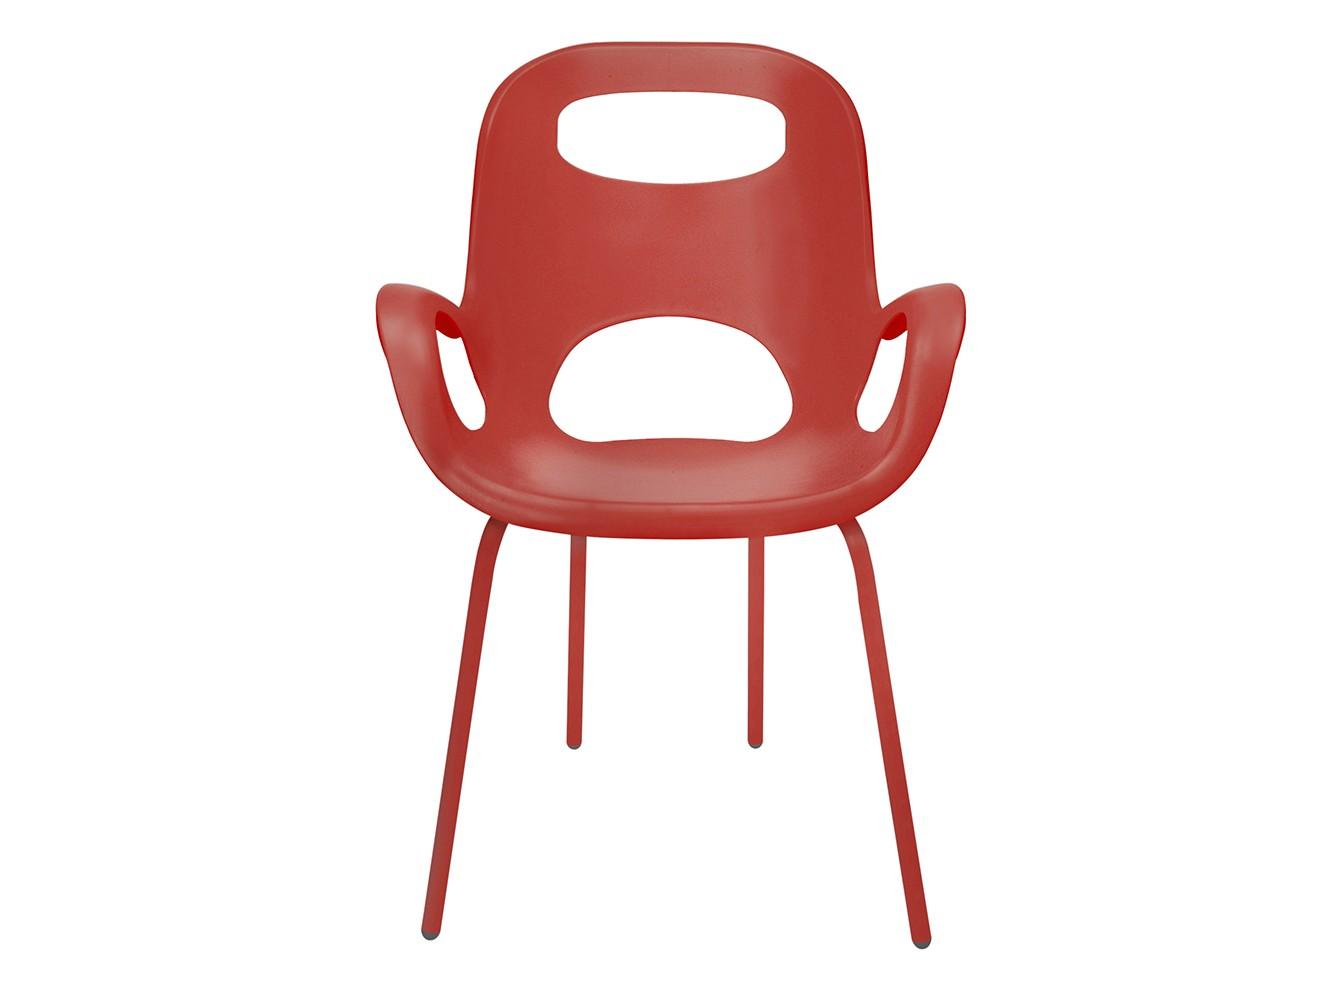 Стул Oh chairСтулья для сада<br>Новый цвет в серии знаменитых стульев от Карима Рашида — признанного гения промышленного дизайна. Выполнен в стиле, сочетающем черты классики и ретро-шика.<br>Сиденье из прочного полипропилена со специальным матовым покрытием  выдерживает до 136 кг. Ножки оснащены на концах нейлоновыми протекторами, которые защищают пол от царапин. Эргономичный дизайн обеспечивает комфорт и поддержку спины.<br><br>Material: Пластик<br>Ширина см: 64<br>Высота см: 86<br>Глубина см: 60